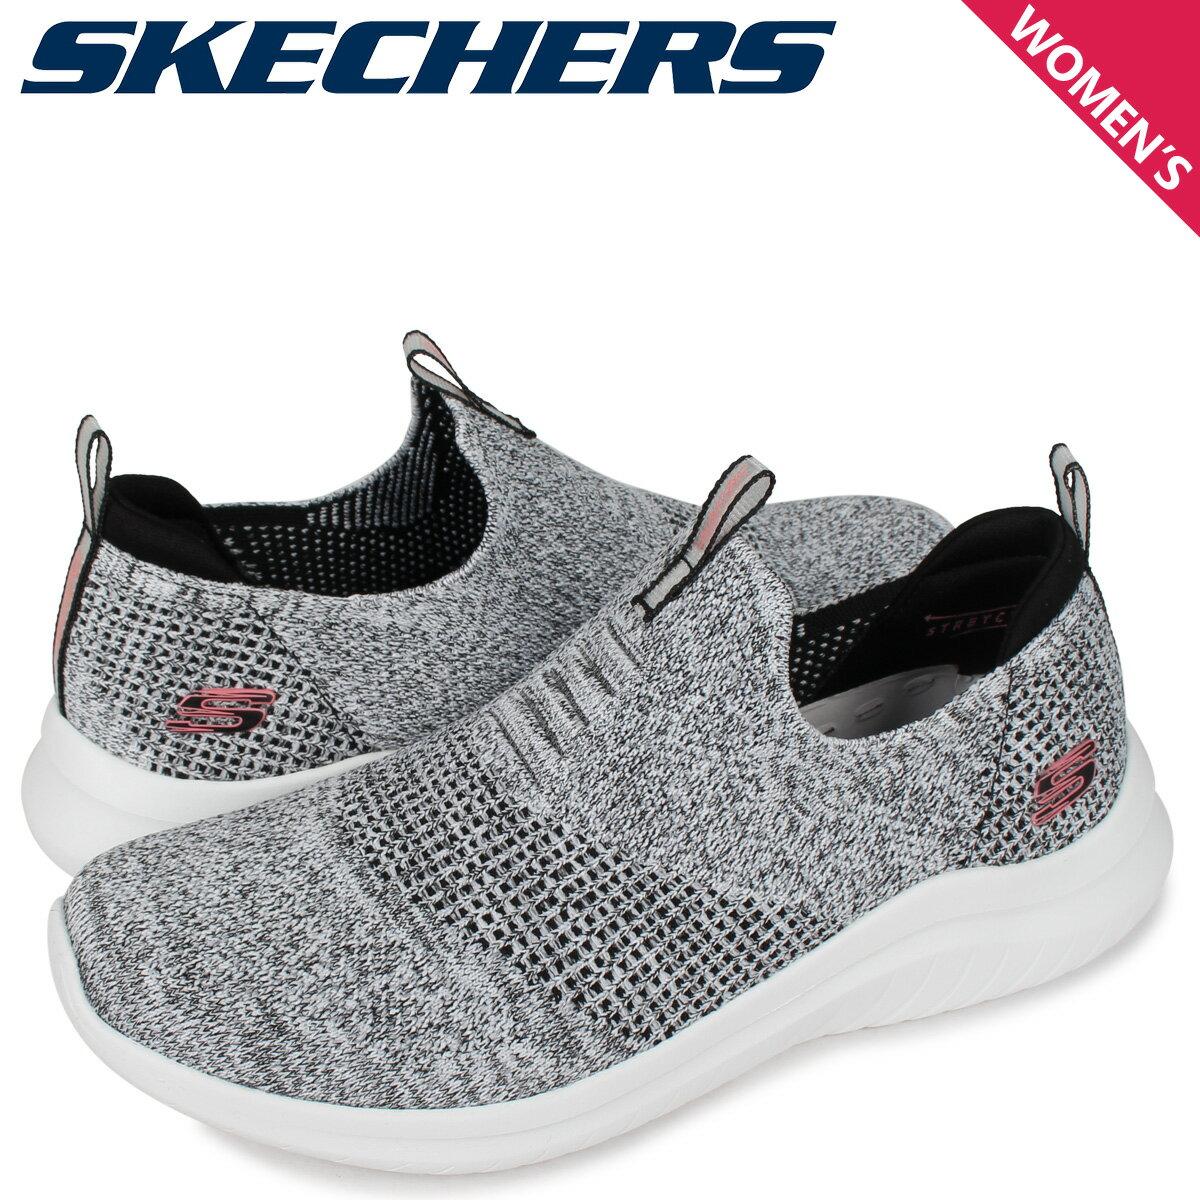 レディース靴, スリッポン 2000OFF SKECHERS 2.0 ULTRA FLEX 2.0 PRETTY DAZZLING 149181 915